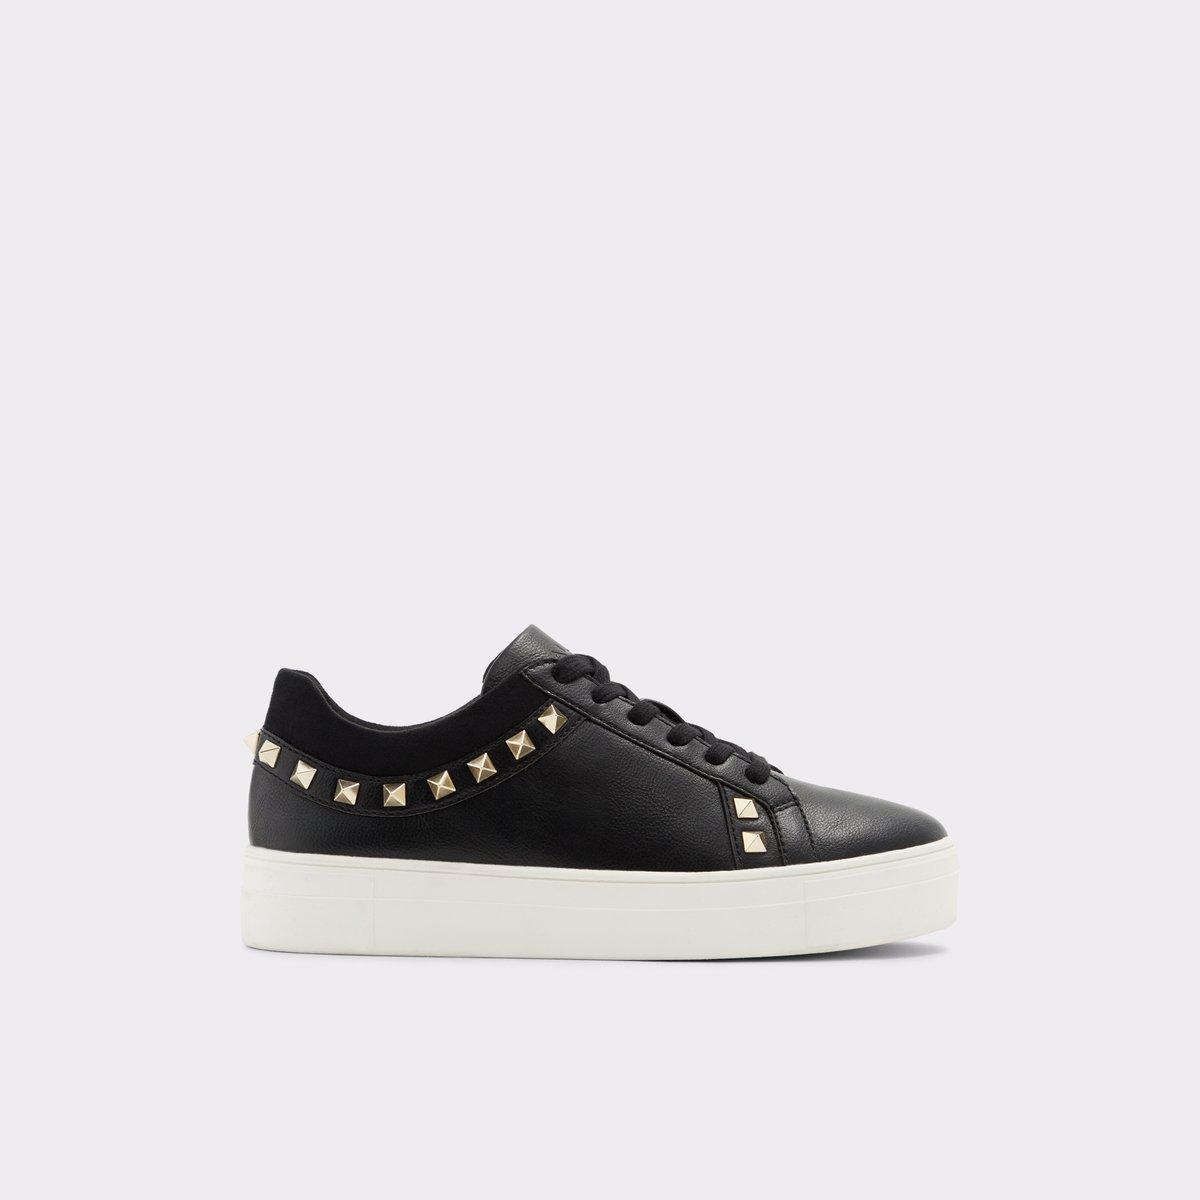 Prigolia Black Women's Sneakers   ALDO US